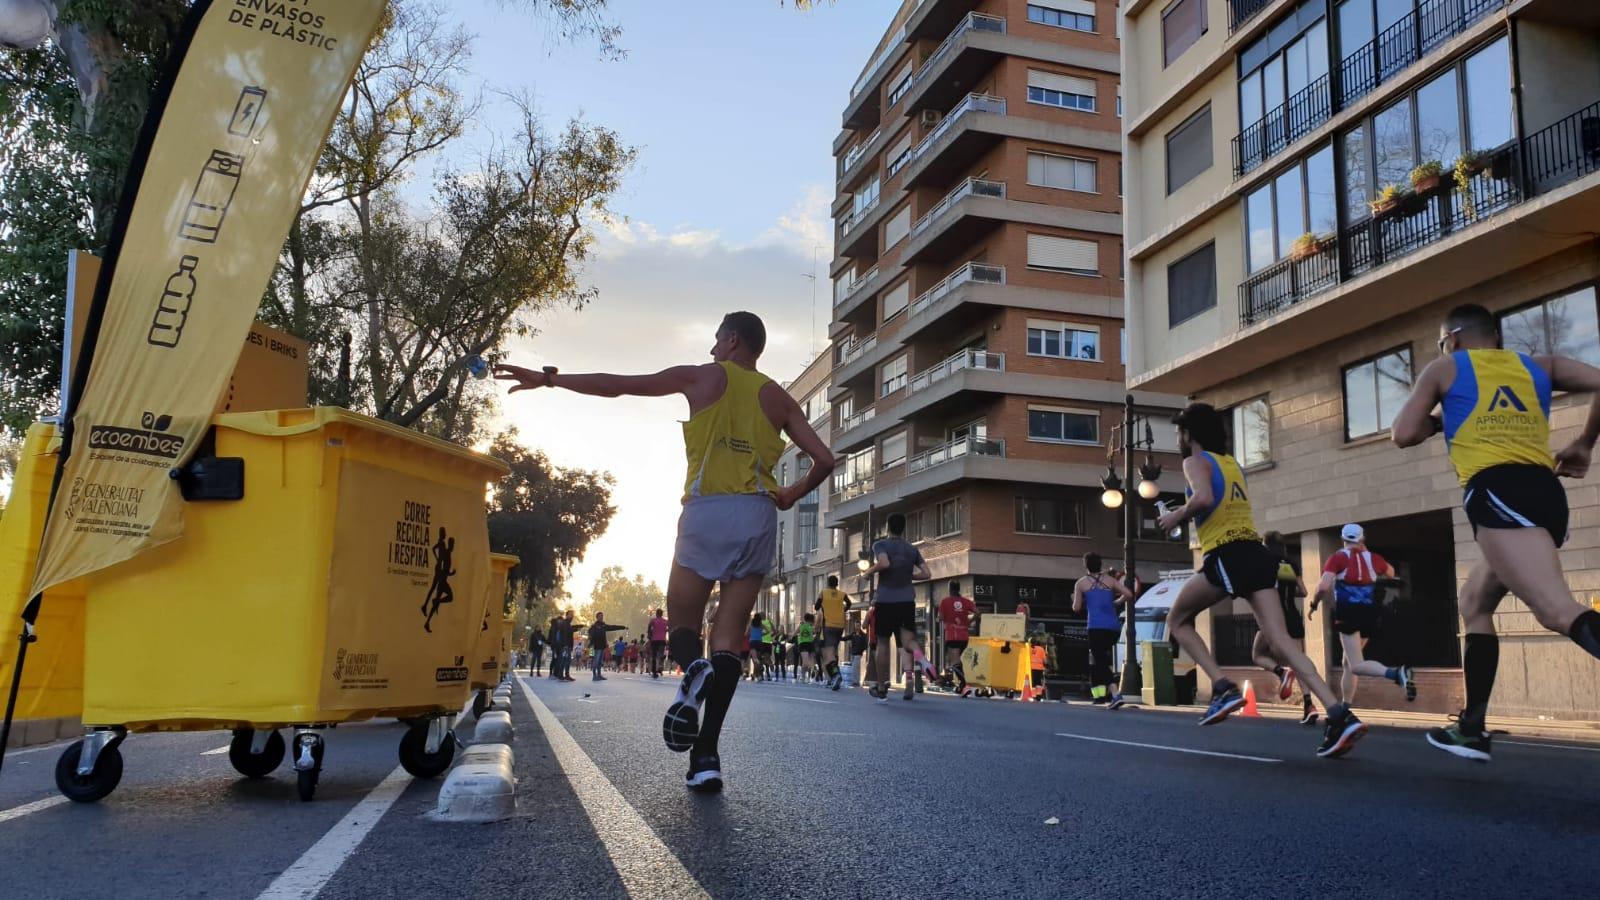 Reciclaje y deporte: la combinación perfecta